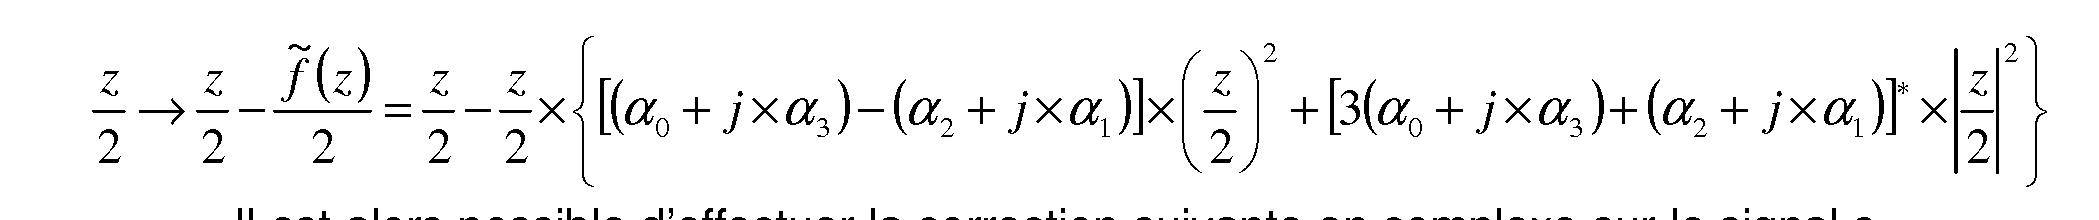 Figure imgf000017_0006